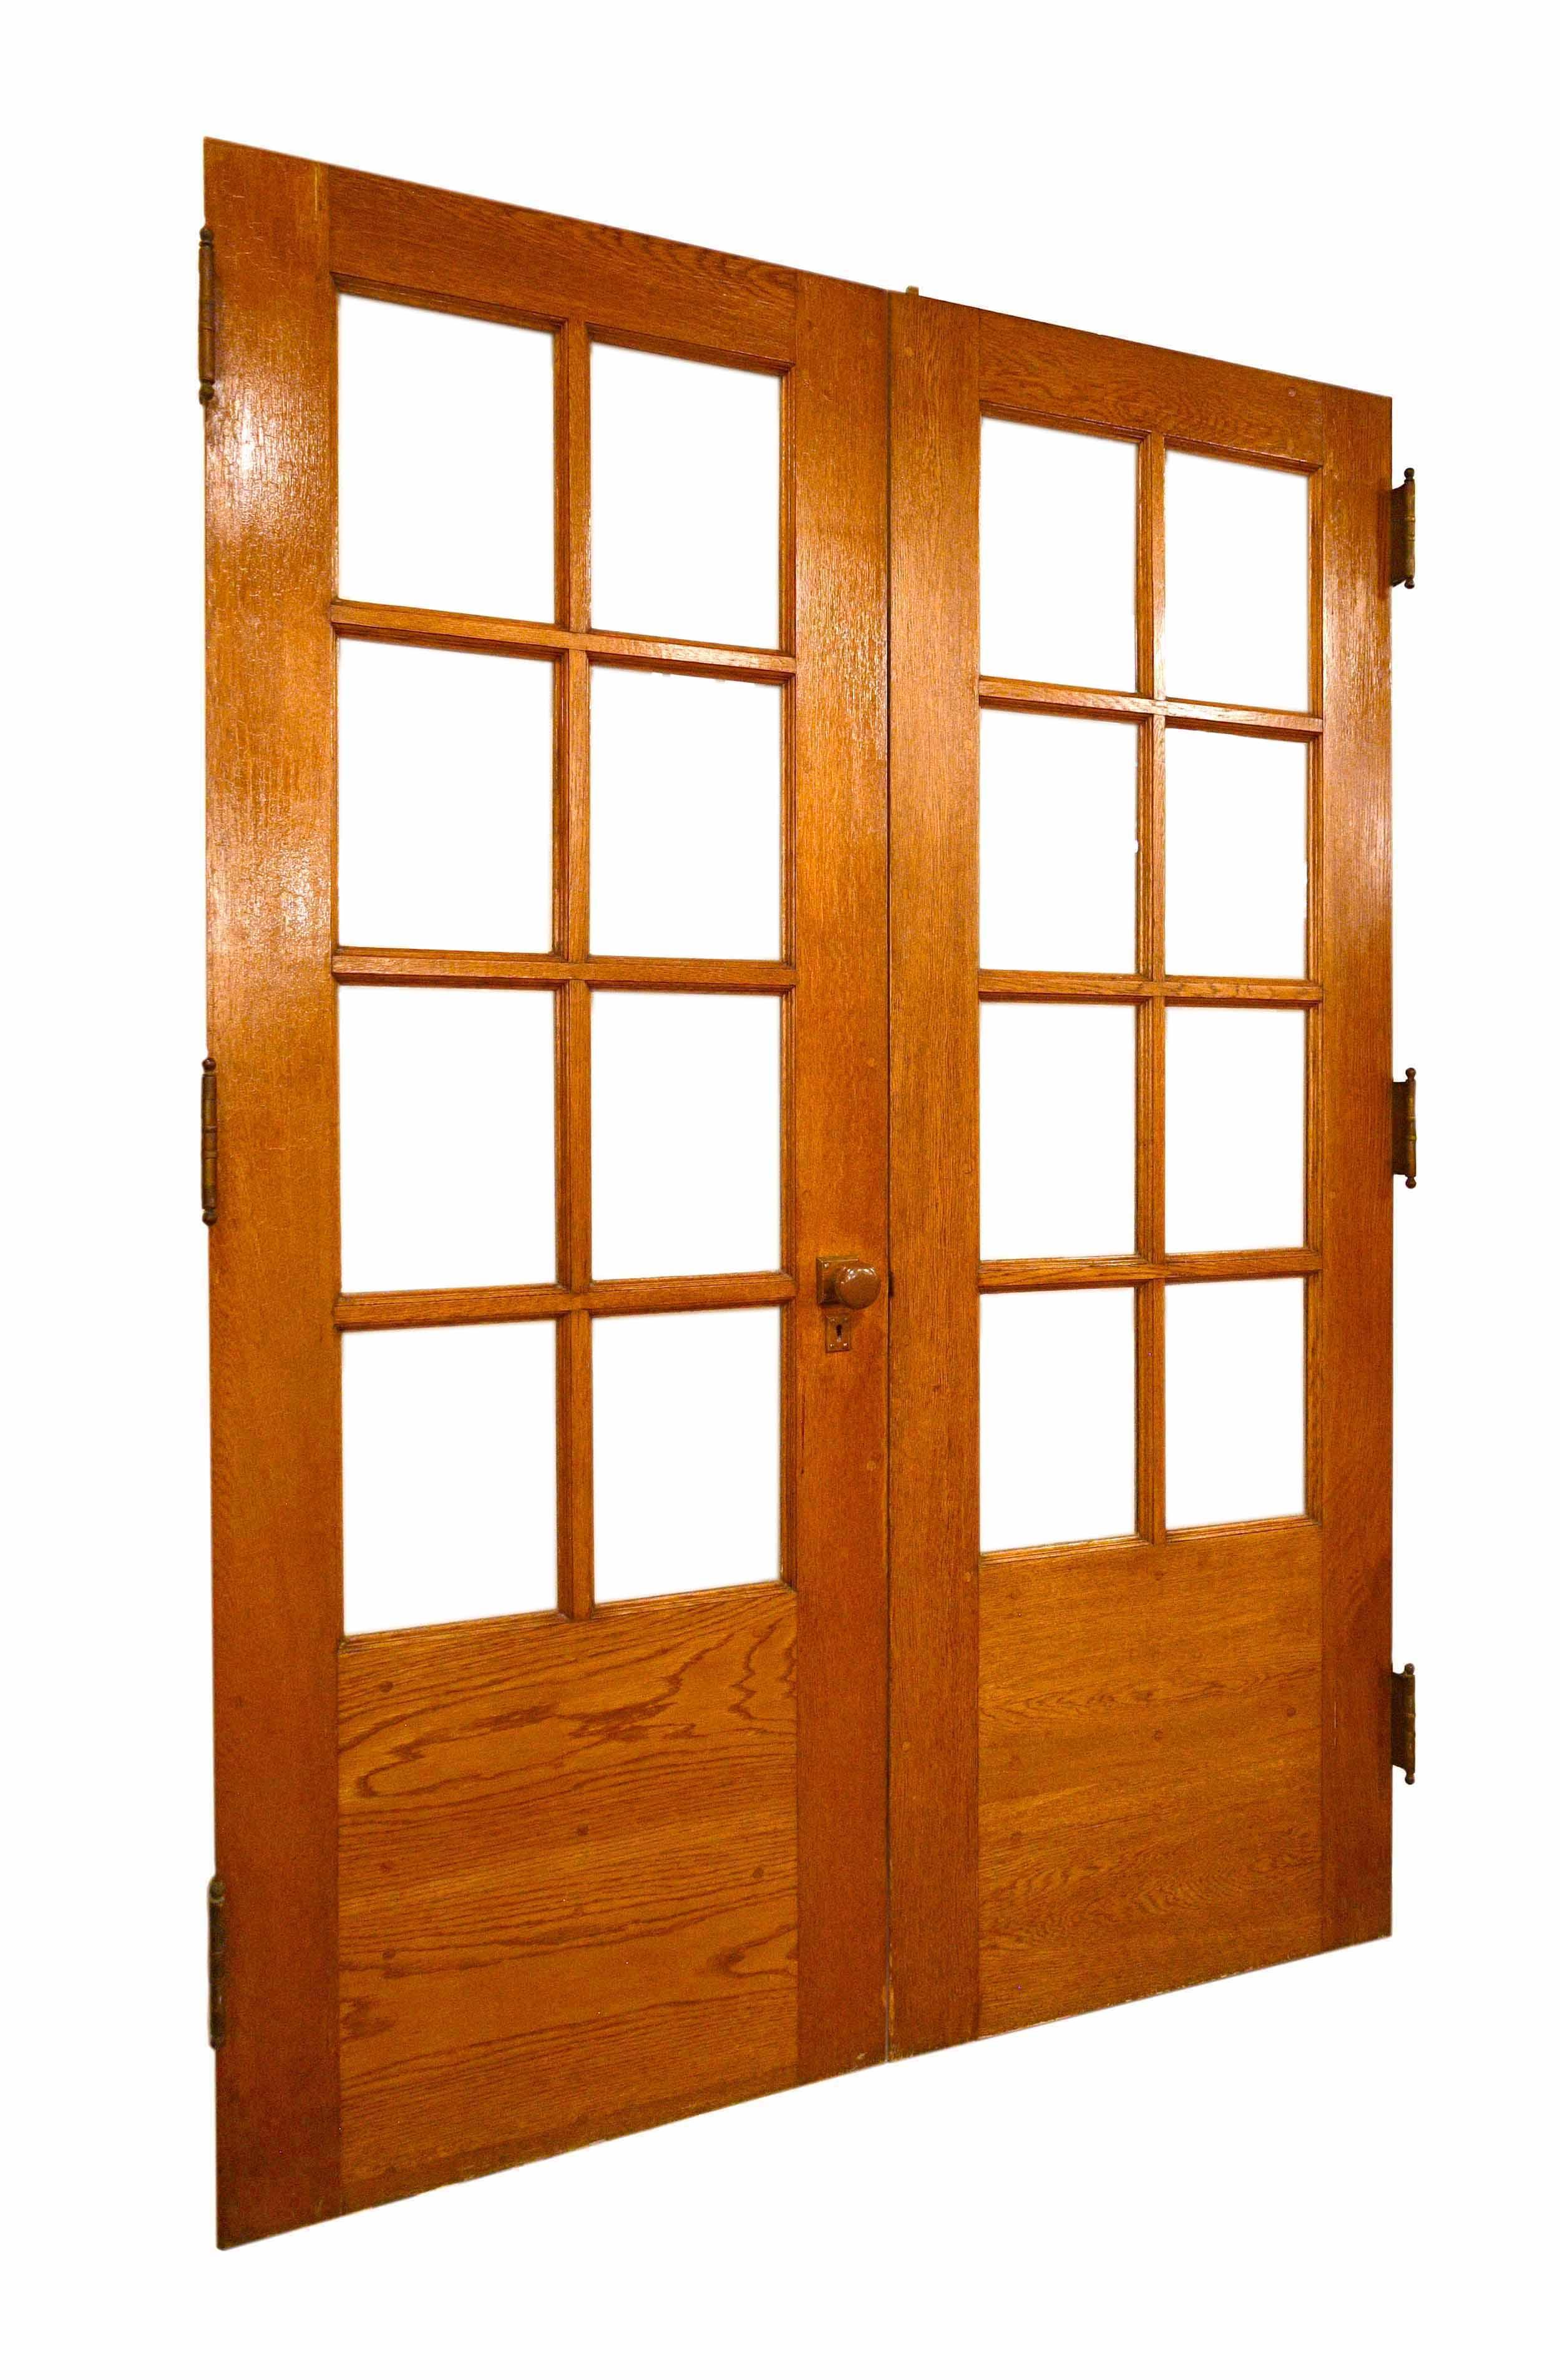 48407-oak-double-door-8-lite-clear-glass-side-viewedit2.jpg